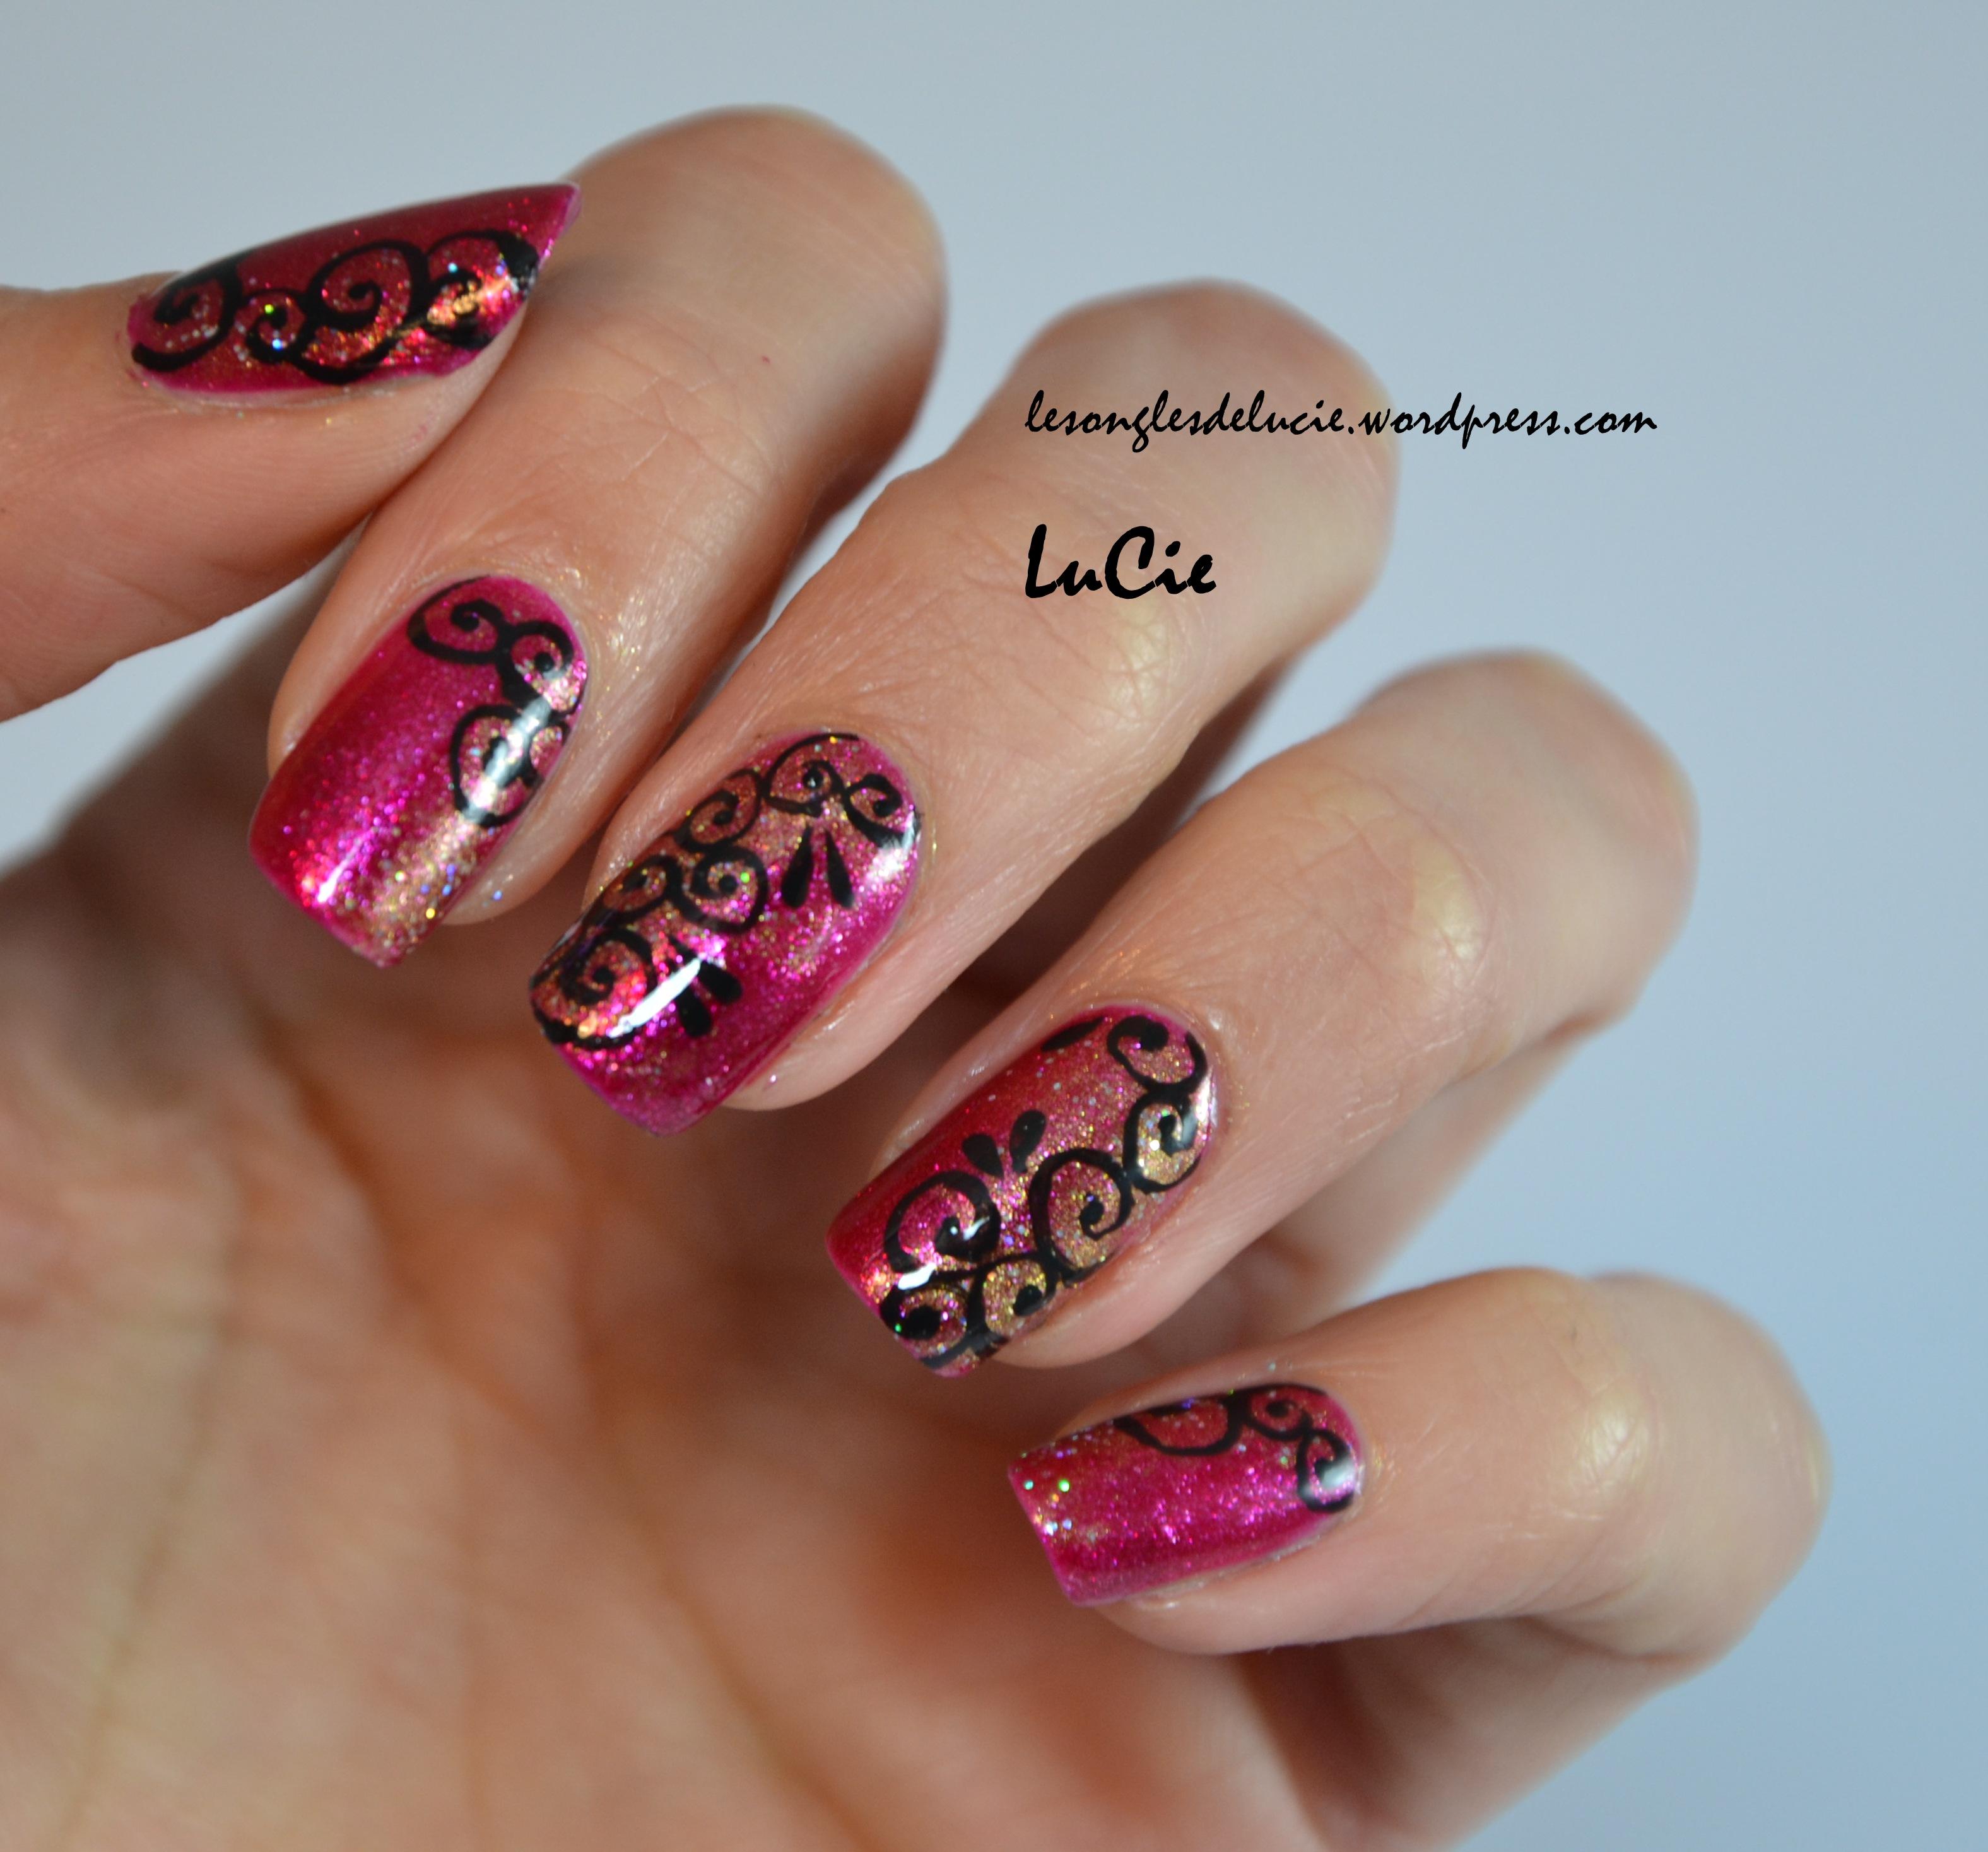 Nail art facile tendance orientale les ongles de lucie - Deco ongle simple ...